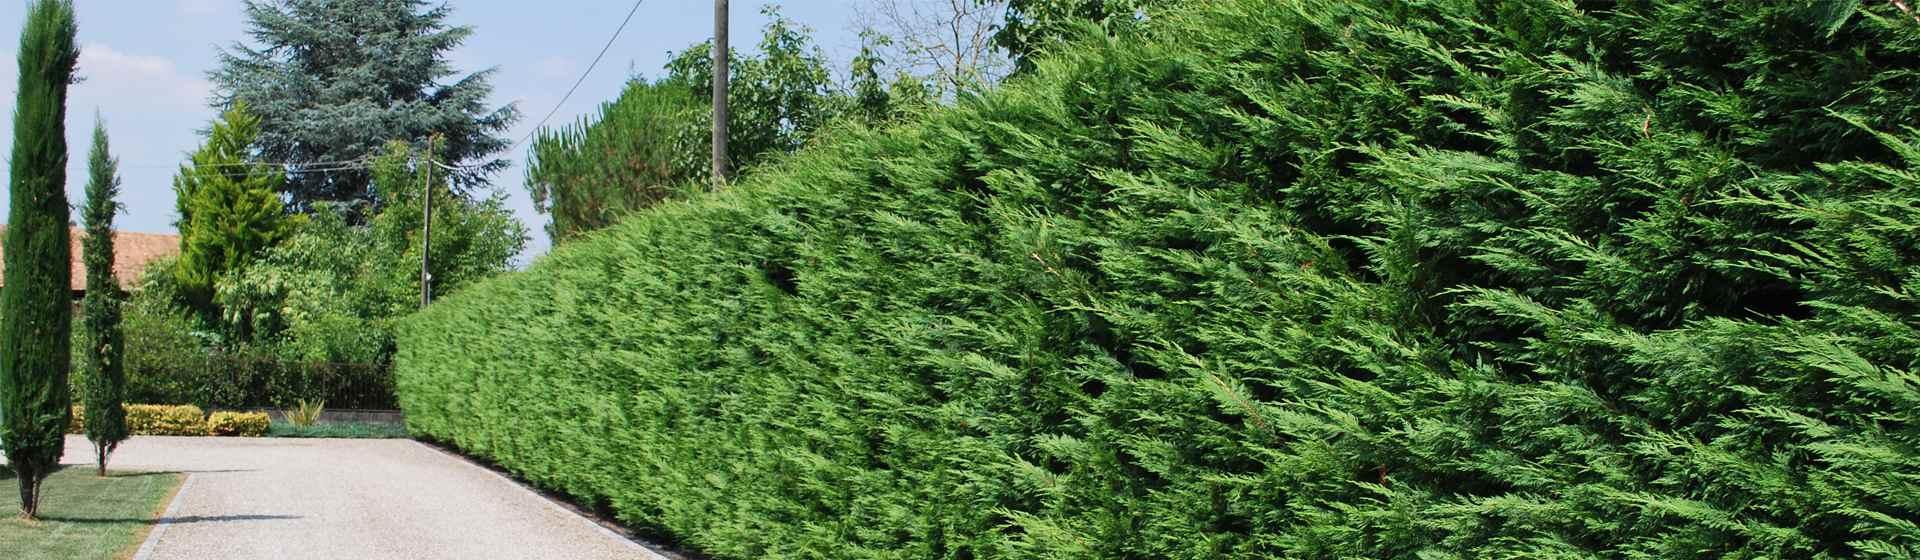 vivai san carlo vendita piante da siepe e creazione giardini